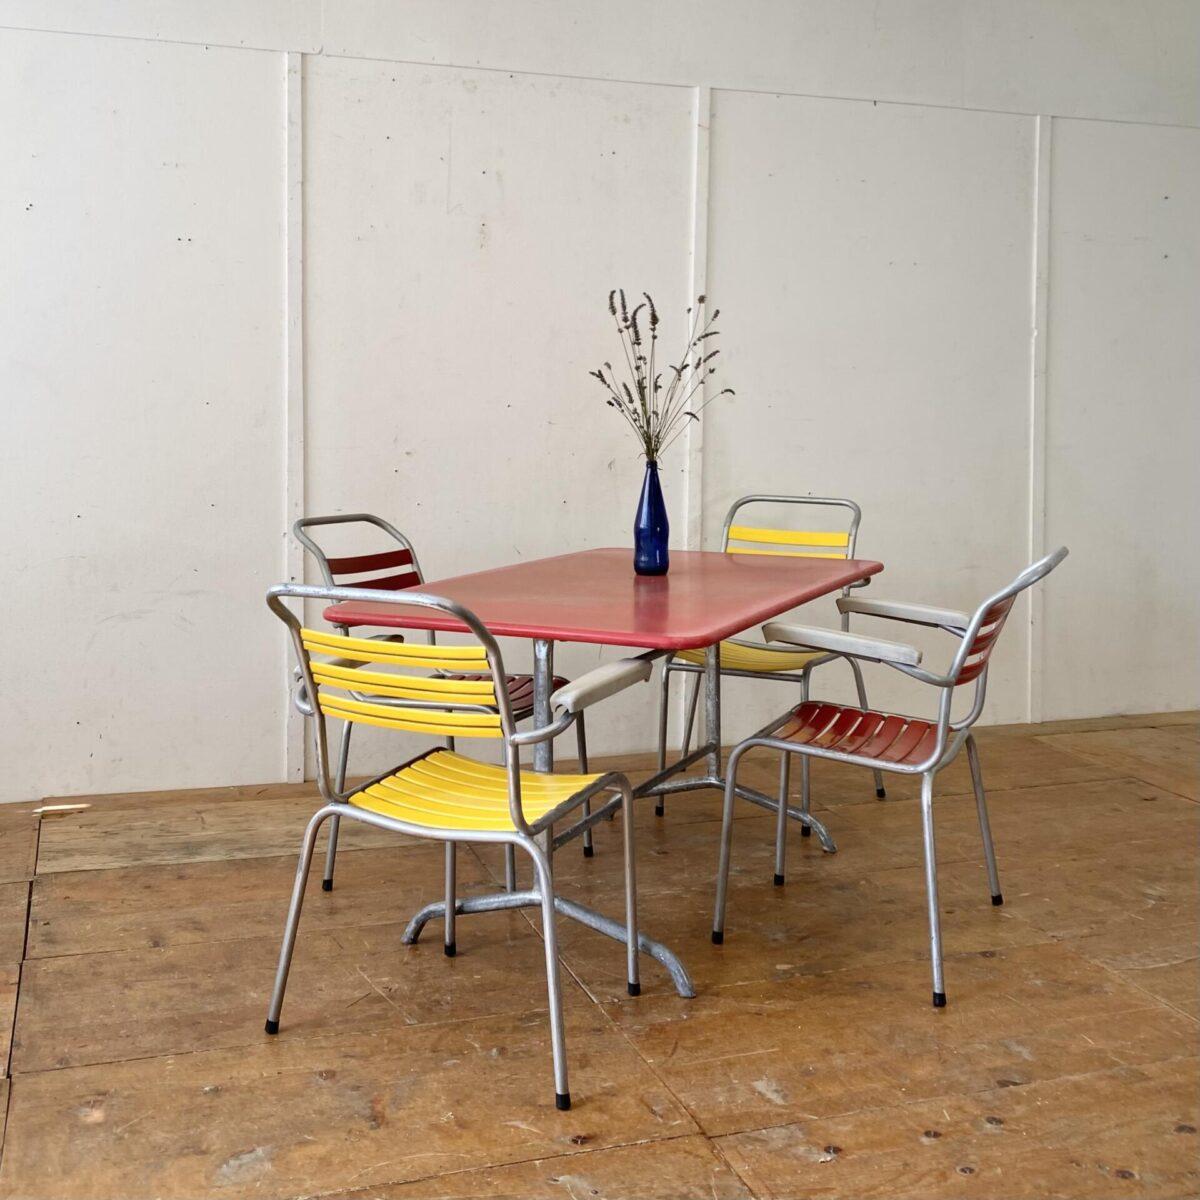 Deuxieme.shop 60er jahre. Klappbarer Metall Gartentisch von Bigla. 140x80cm Höhe 70cm. Der Tisch hat etwas Rost auf der Unterseite, Oberfläche sonnenverbleicht und Patina. Ansonsten in gesundem Zustand keine Durchrostungen. Vier Gartenstühle mit Kunststoff Lättli und Armlehnen, von Schaffner oder Bättig. Die Armlehnen sind etwas fleckig, ansonsten in gutem gereinigtem vintage Zustand. Die Stuhlbein Kappen sind durch neue ersetzt. Der Preis gilt fürs Set.